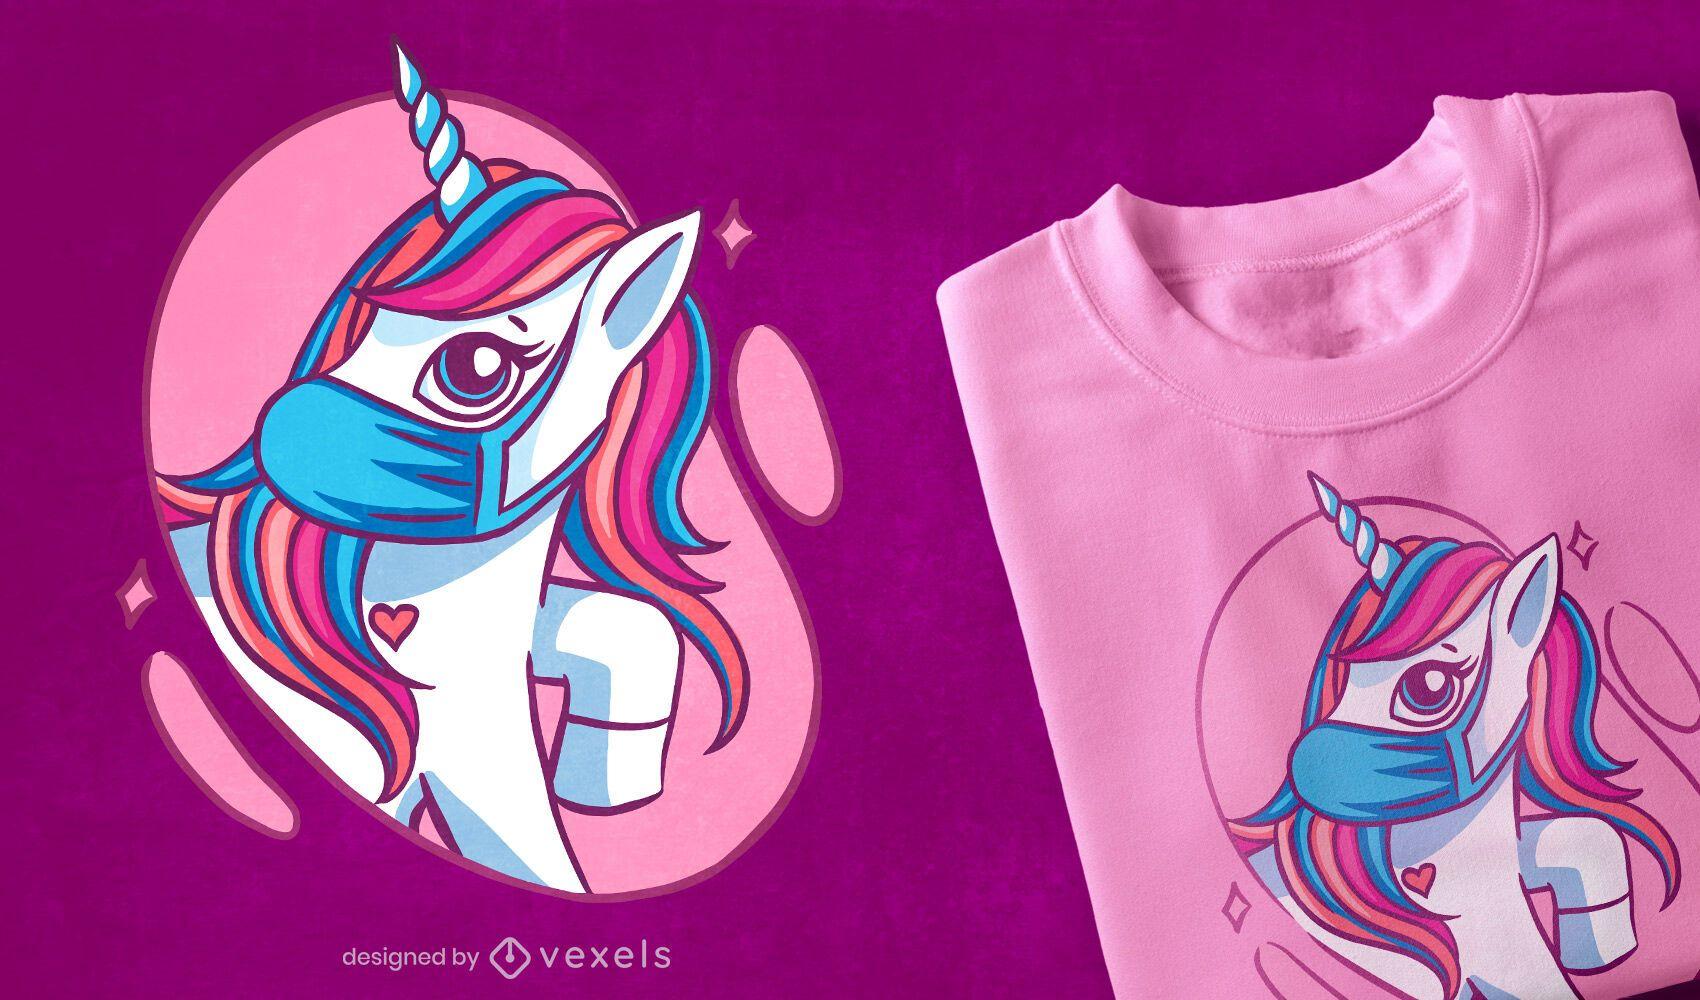 Dise?o de camiseta linda m?scara unicornio